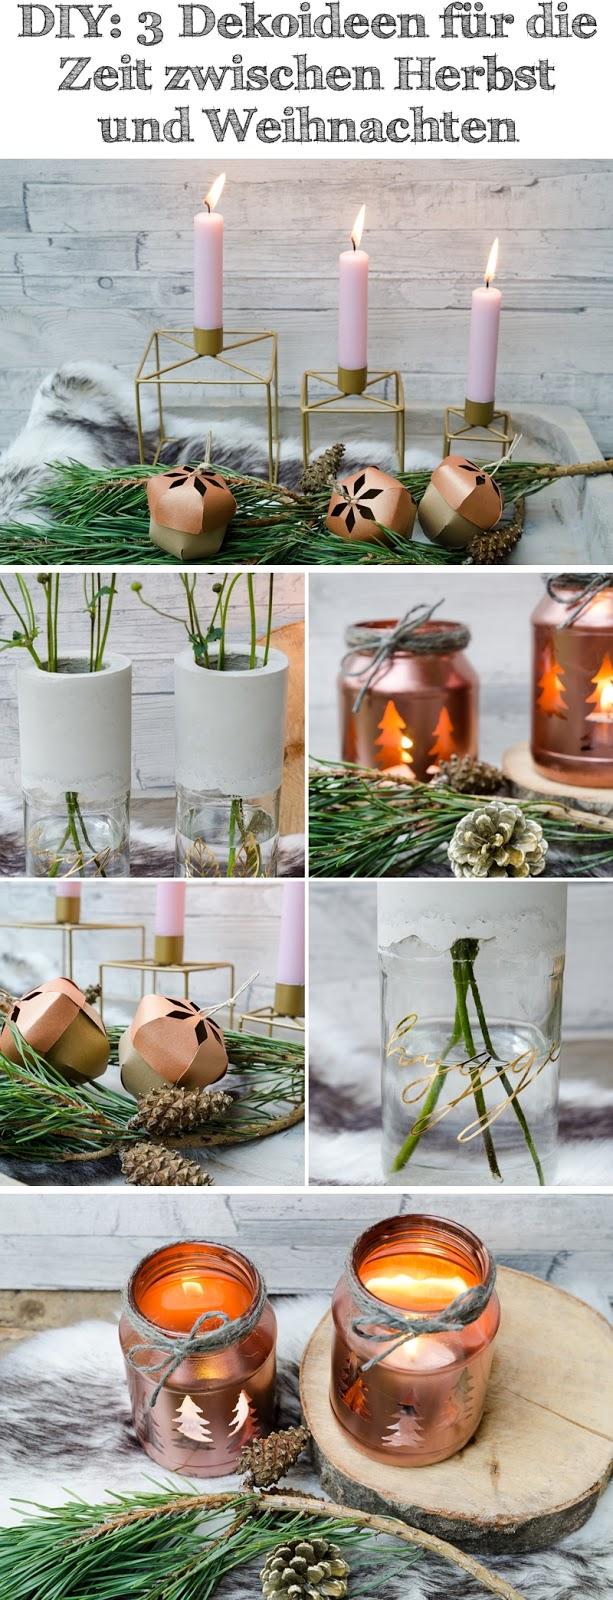 DIY: 3 Dekoideen für die Zeit zwischen Herbst und Weihnachten ...